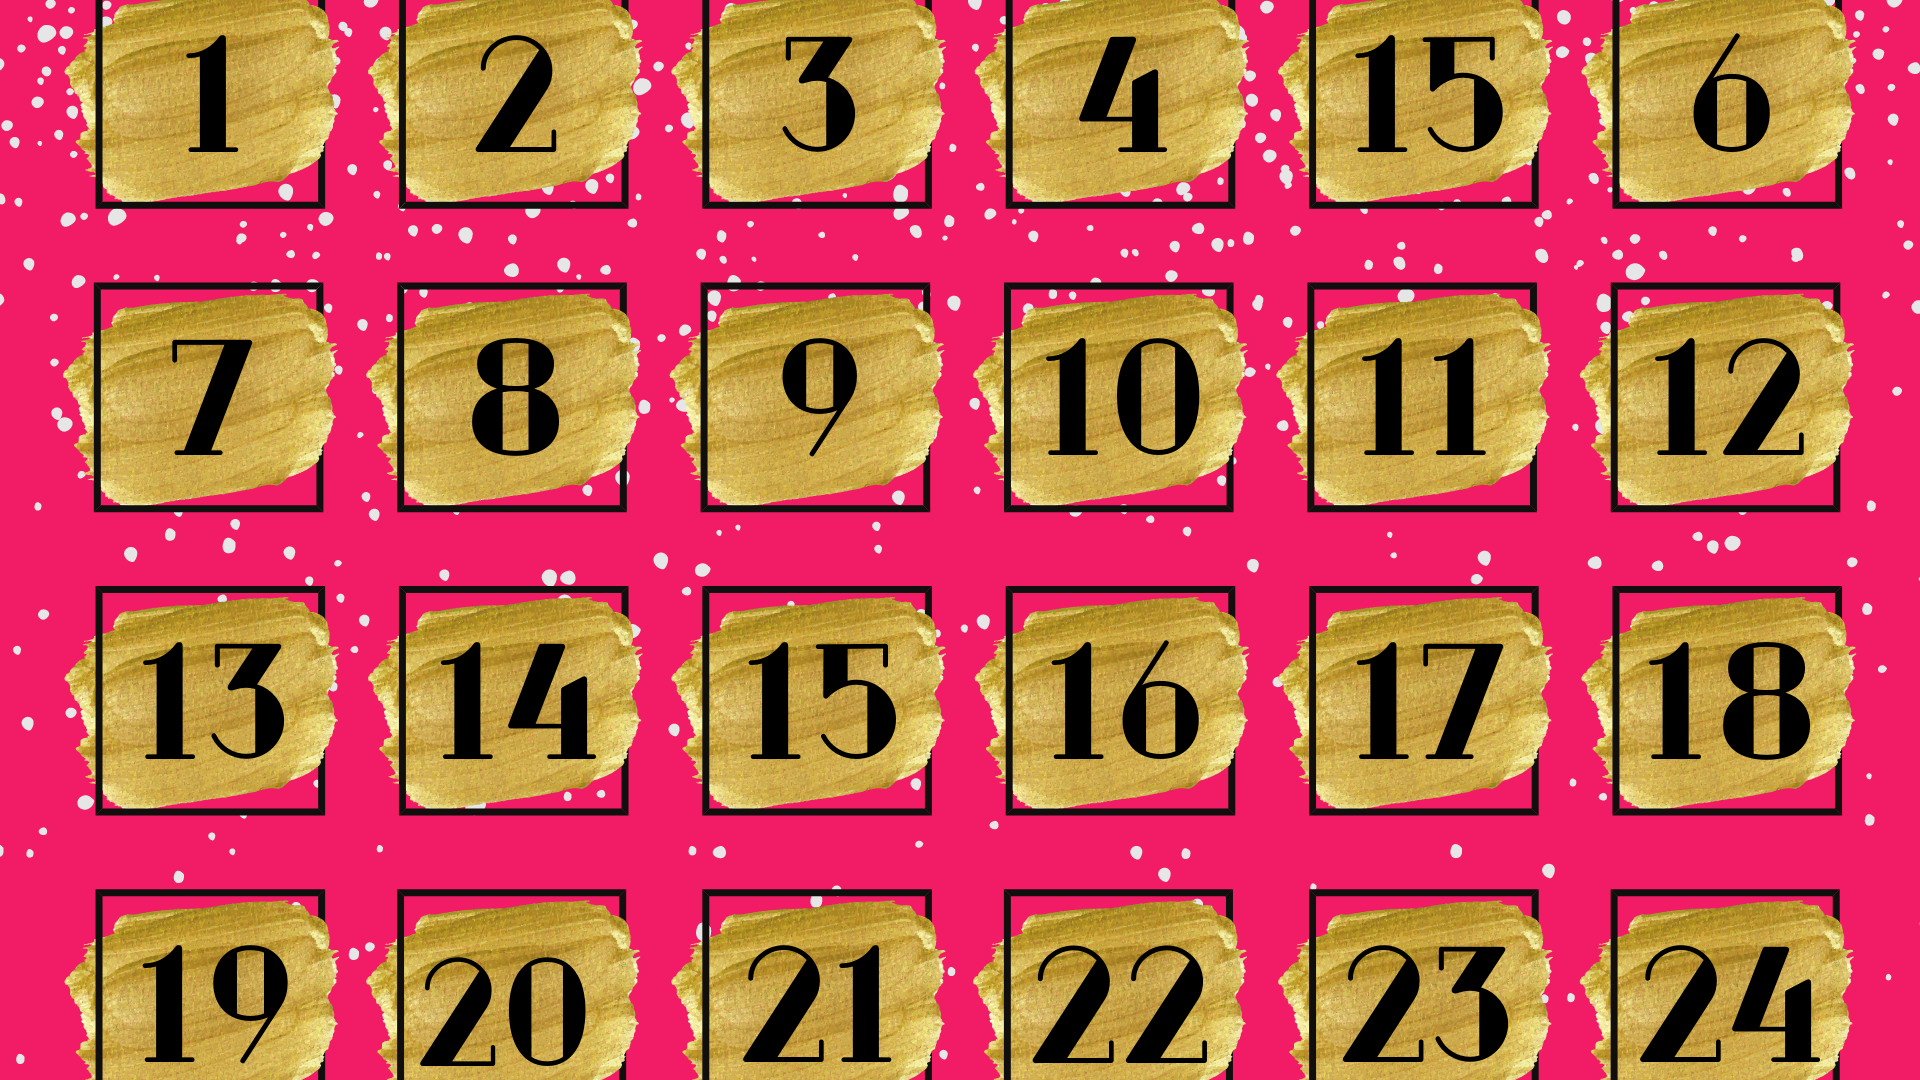 wmn Adventskalender gewinnsiele geschenke weihnachten verlosung